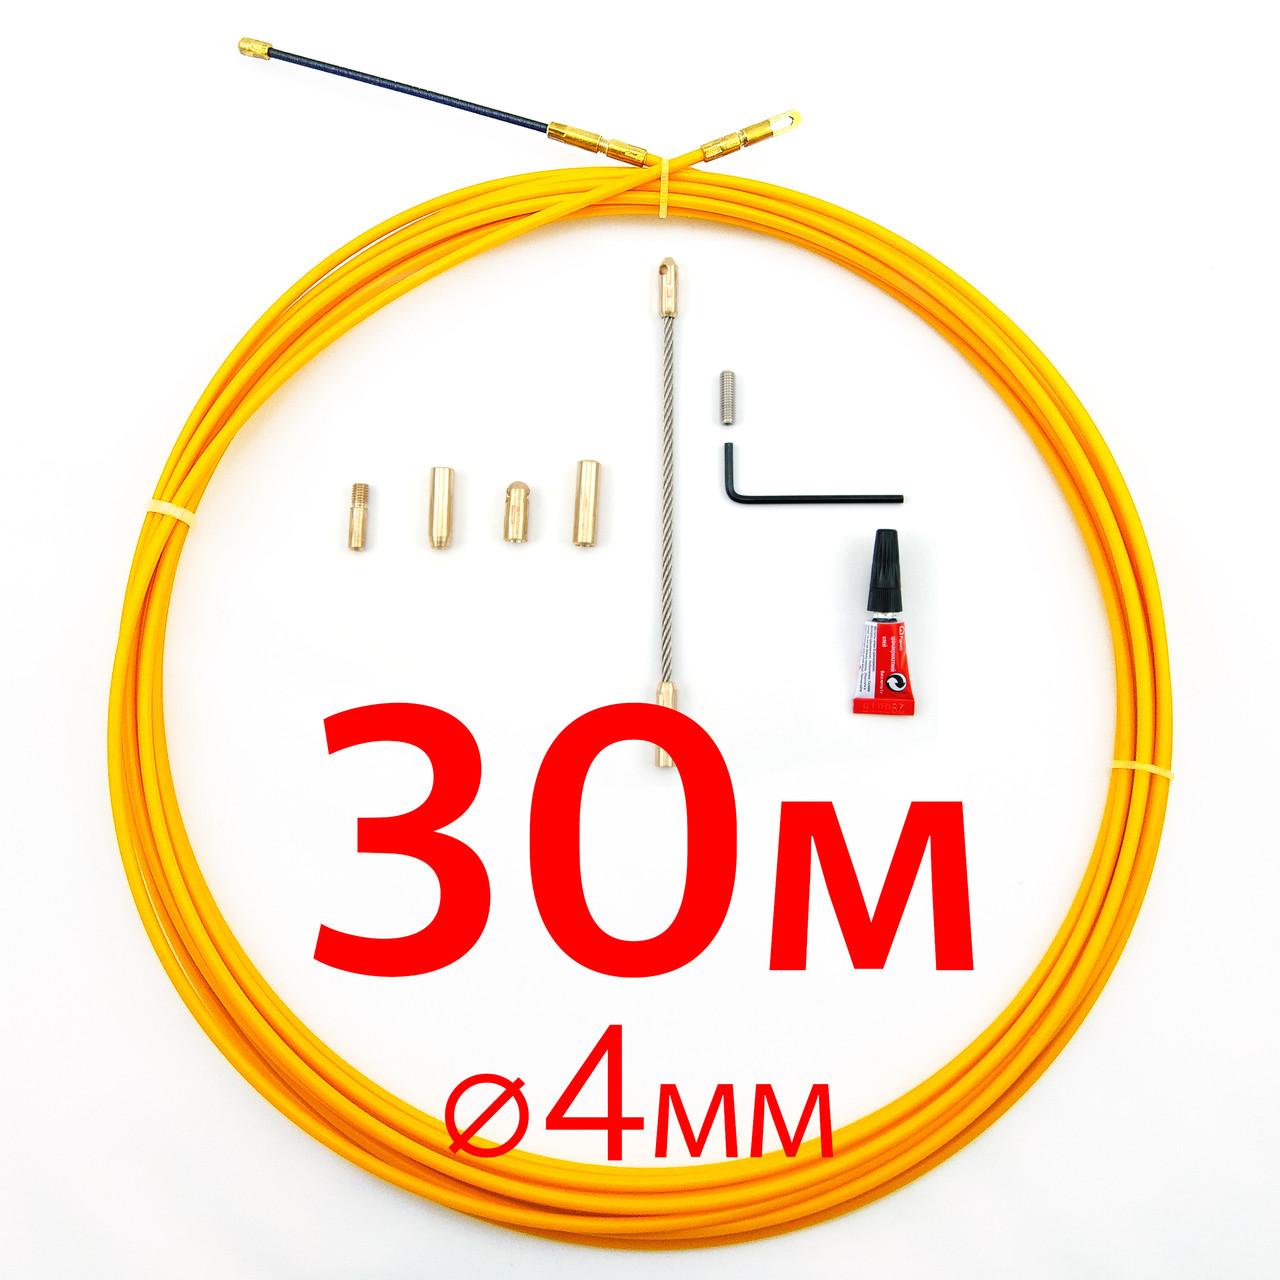 Кабельная протяжка, стеклопруток 4мм х 30м + 7 наконечников